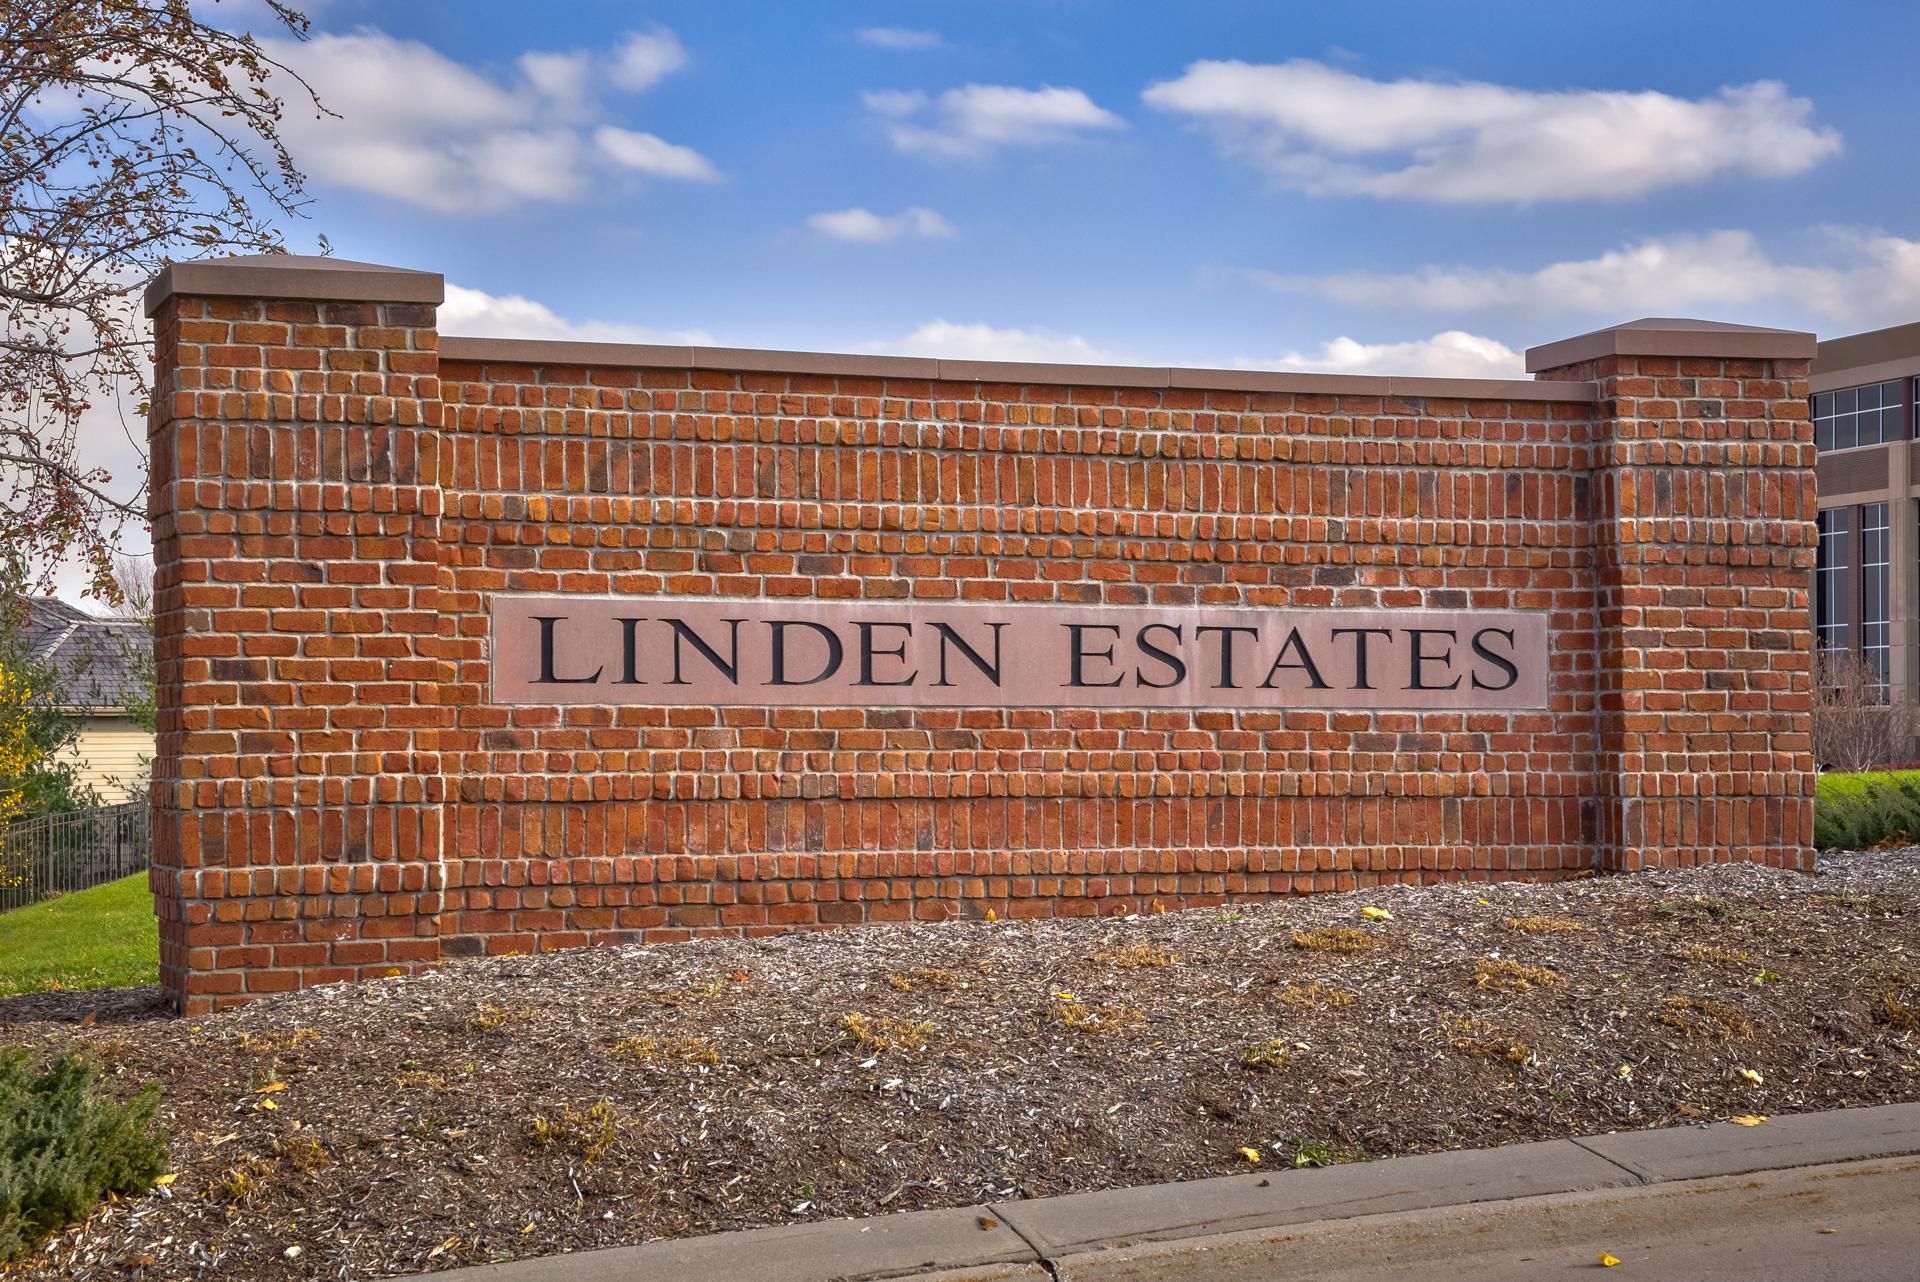 linden_estates.jpg